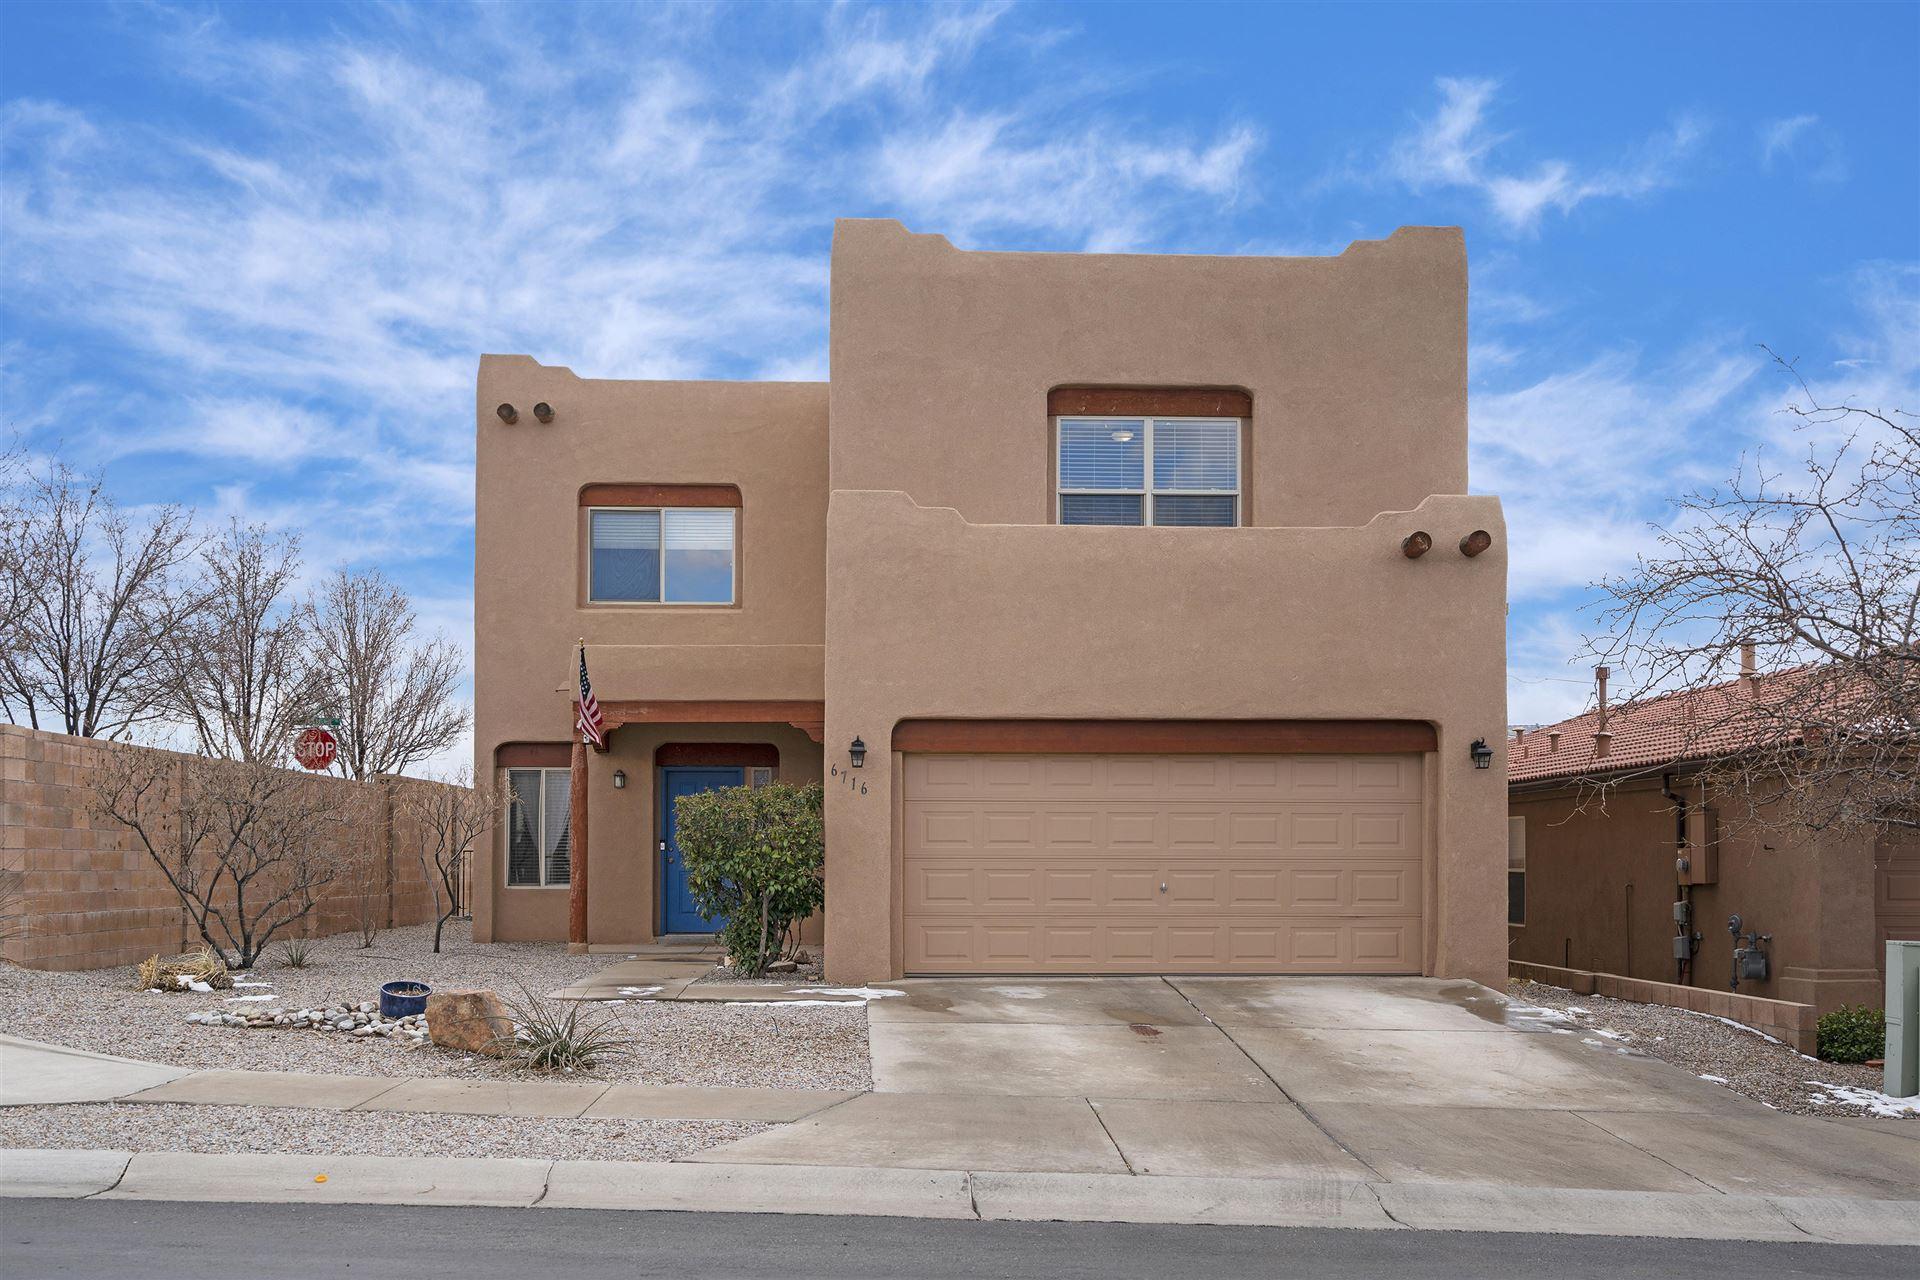 6716 Glenlochy Way NE, Albuquerque, NM 87113 - MLS#: 986216